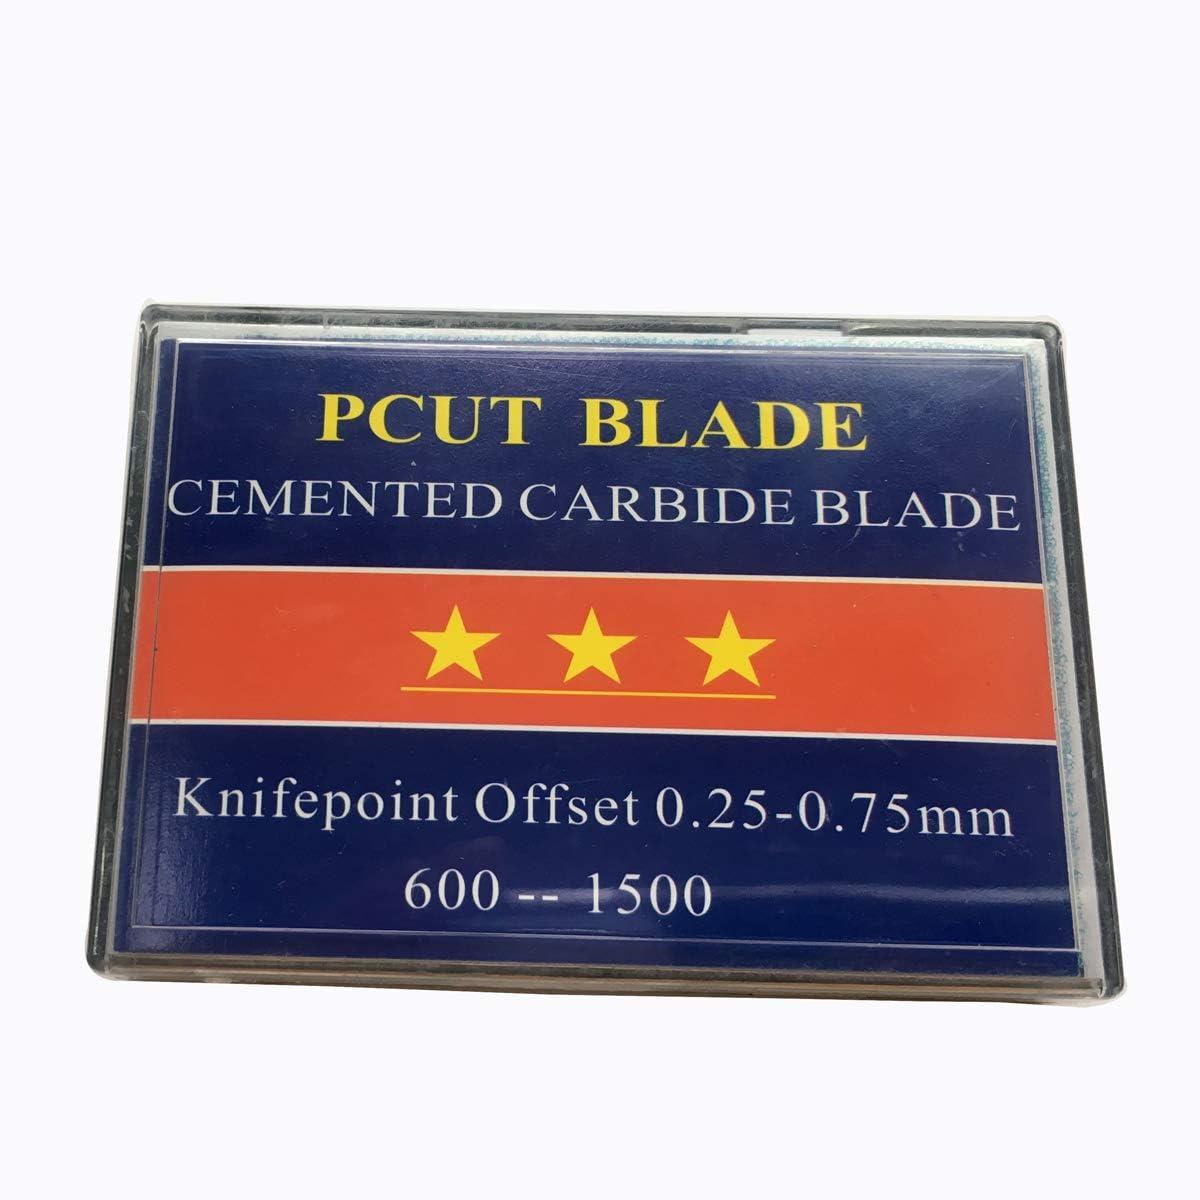 Soporte para cuchilla y 30 cuchillas de repuesto HQ para cortador de pcut Plotter COLE 30 45 60 grados: Amazon.es: Bricolaje y herramientas